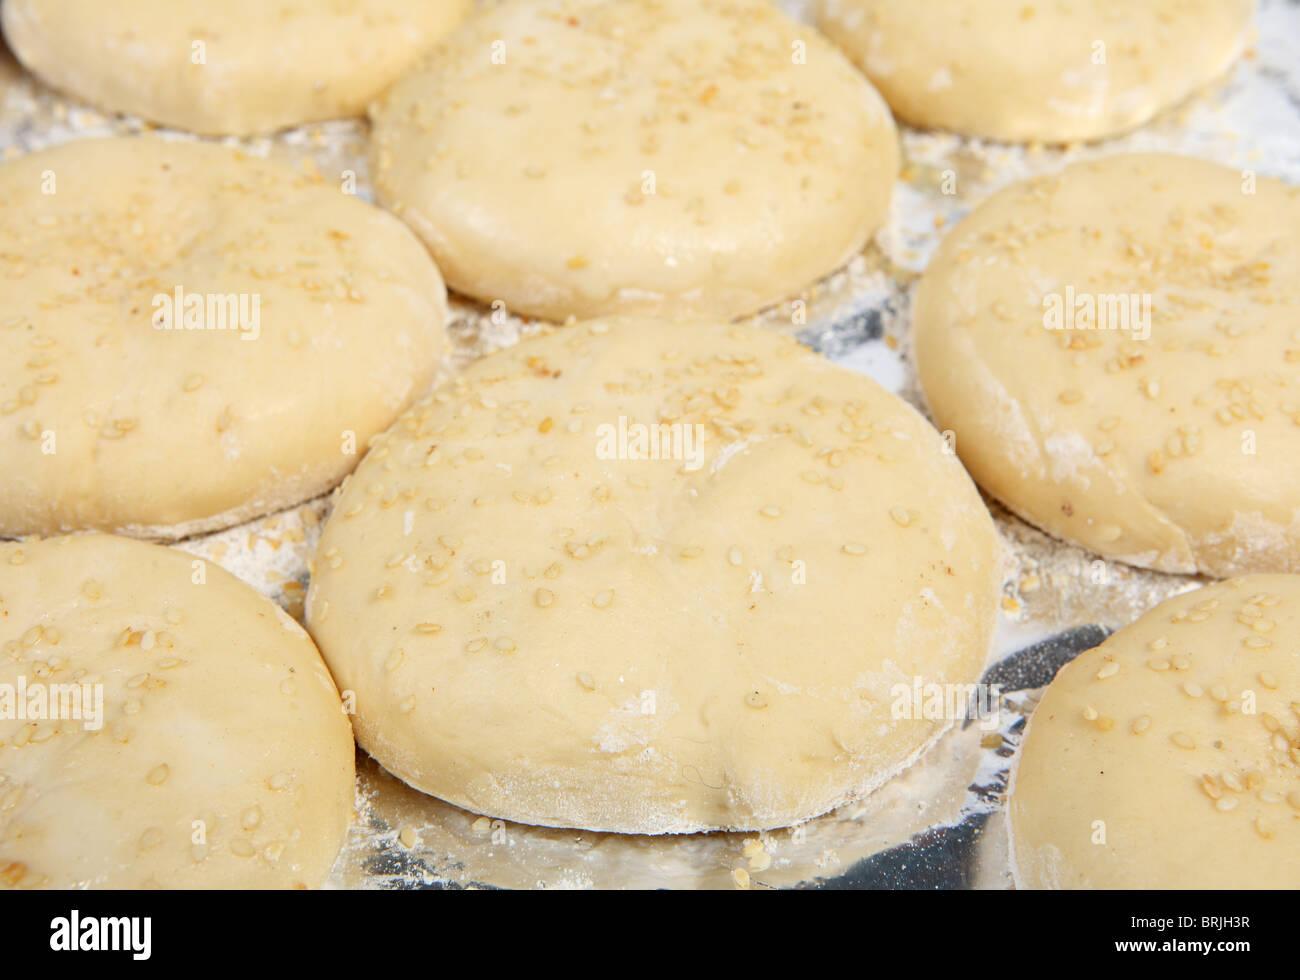 Ein Backblech voller fast gestiegen Burger Brötchen Brötchen, garniert mit Sesam Stockbild